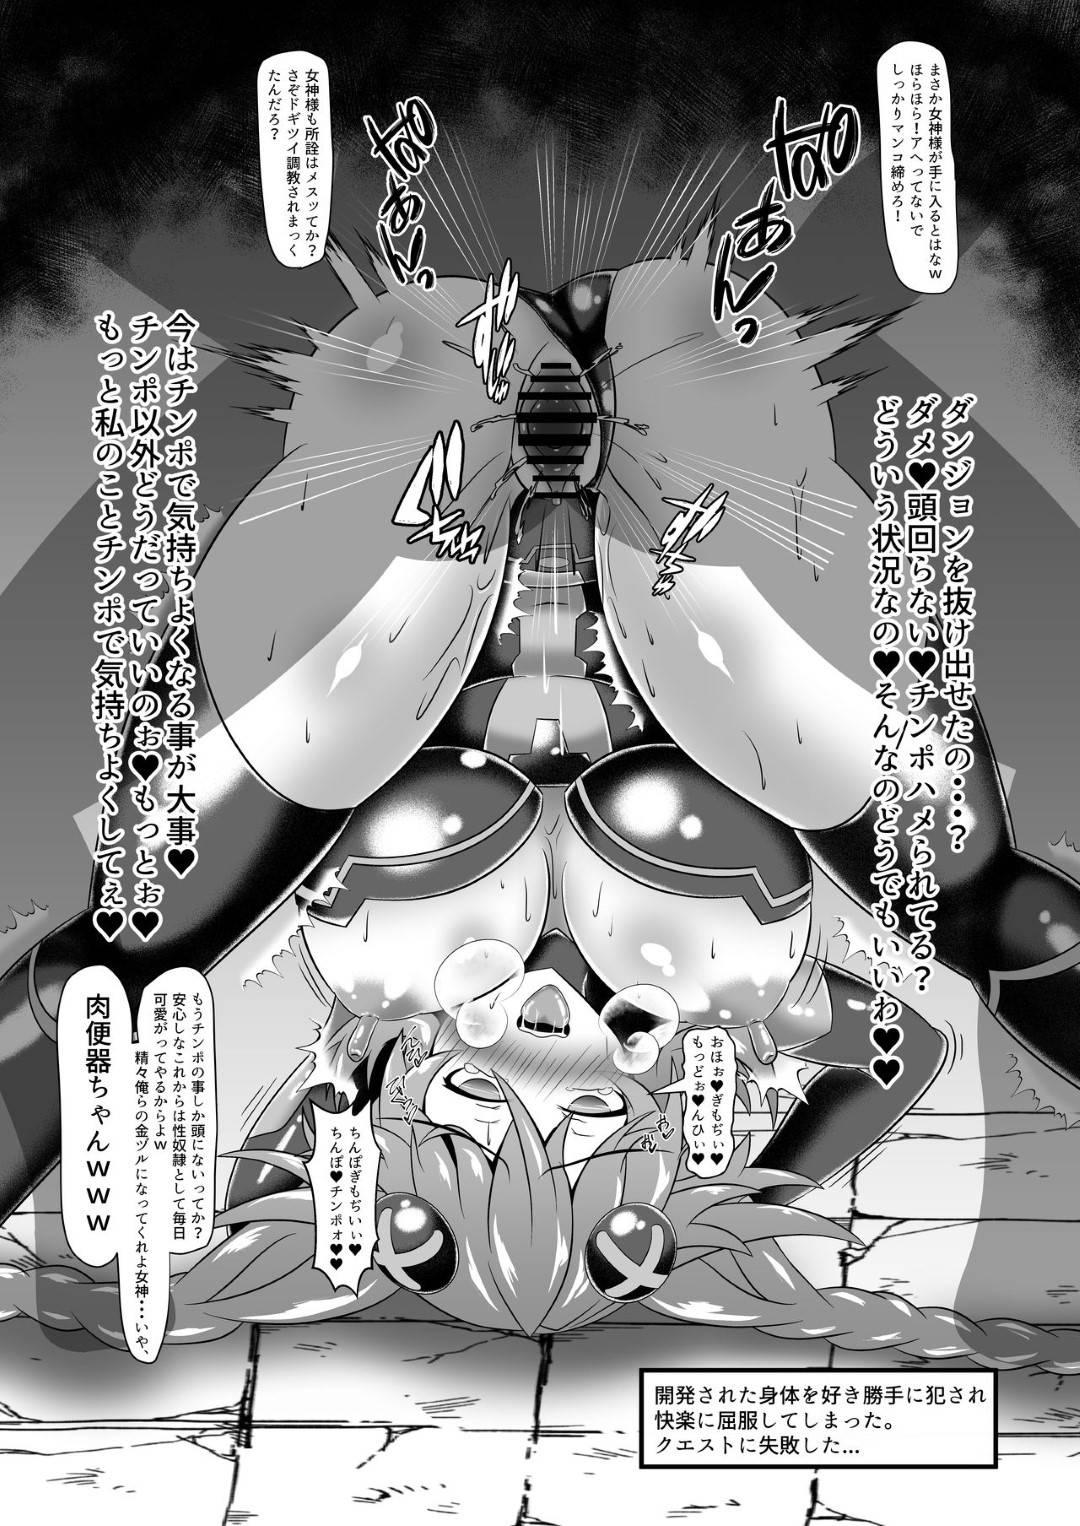 【調教エロ漫画】ダンジョンに踏み込んだパープルハート。しかしそのダンジョンはトラップだらけ!次々とエッチな仕掛けが彼女を襲って調教、絶頂させる!そしてダンジョンの先にいる男たちにレイプされるのだった。【kyouこの頃】